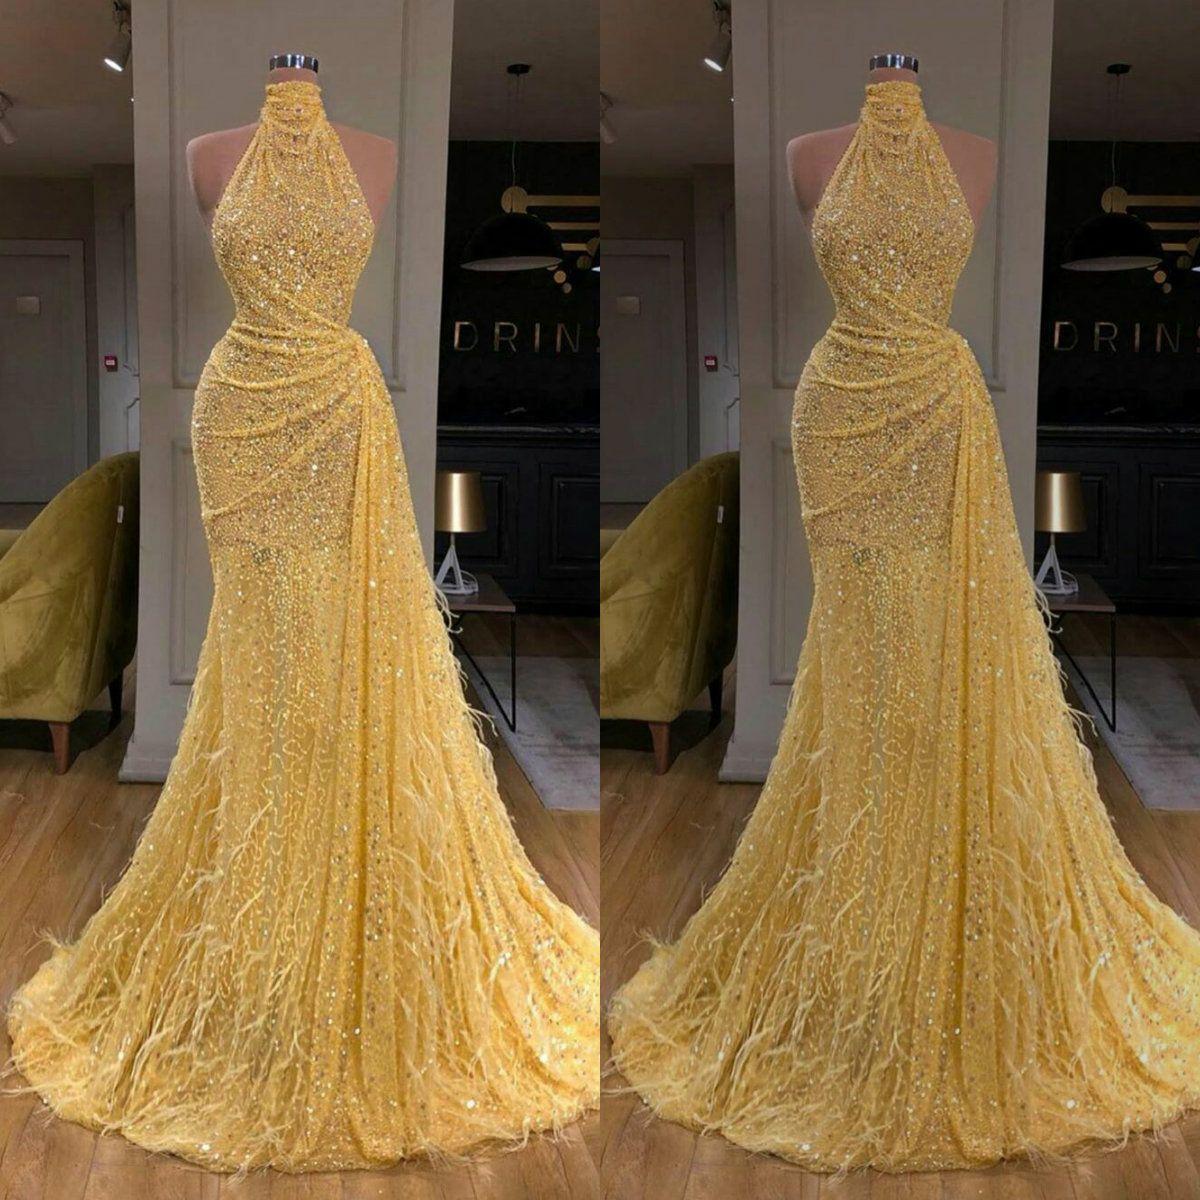 Heißer Verkauf 2020 Glitter Meerjungfrau Abendkleider Sexy High-Neck Sleeveless Pailletten Feder Prom Dress Sweep Train Besondere Anlässe Kleider